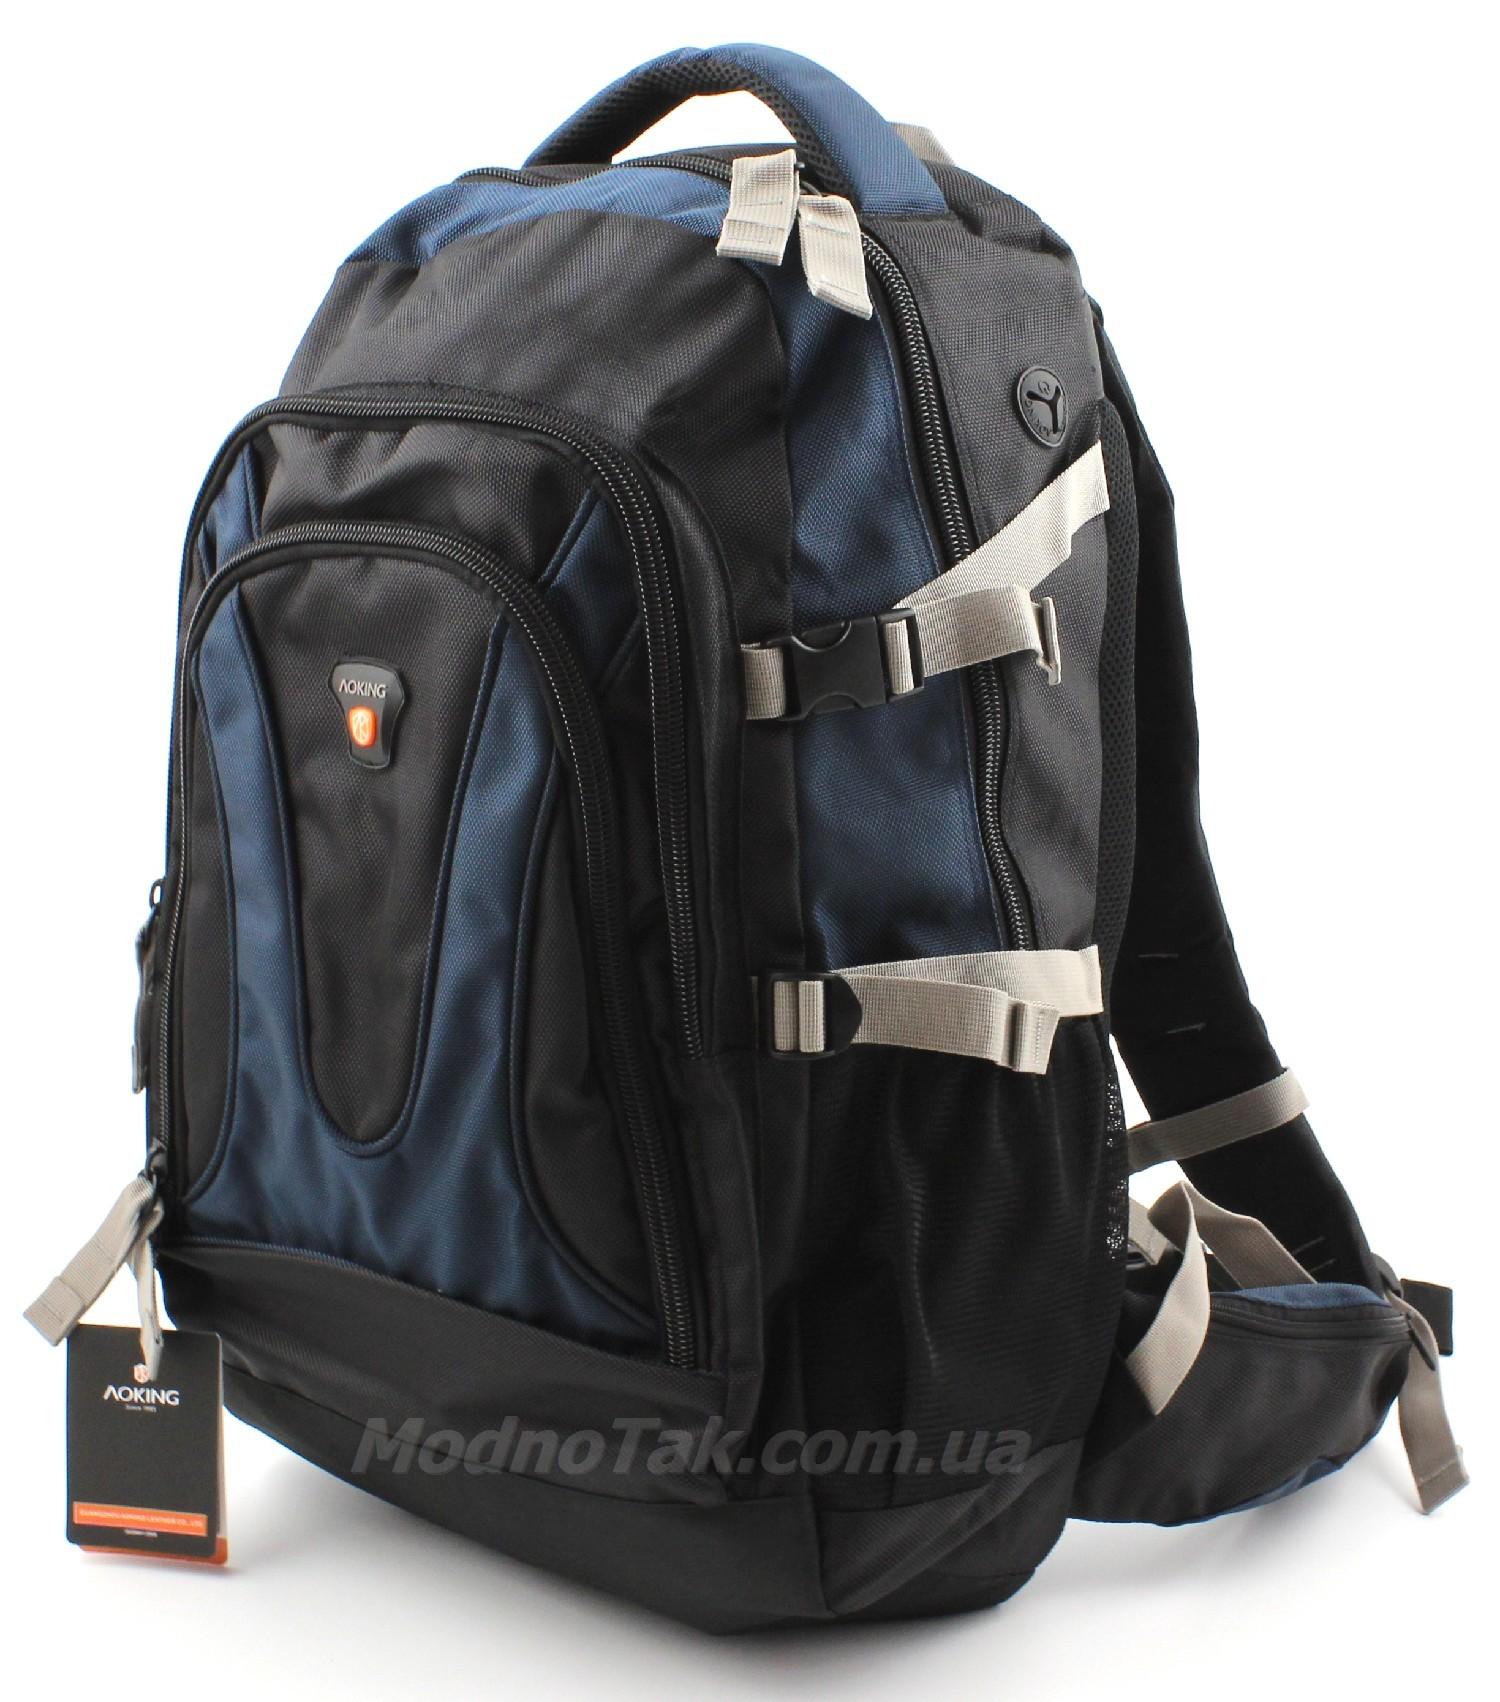 Выбрать рюкзак для города чтобы не потела спина тележка для рюкзака школьного купить